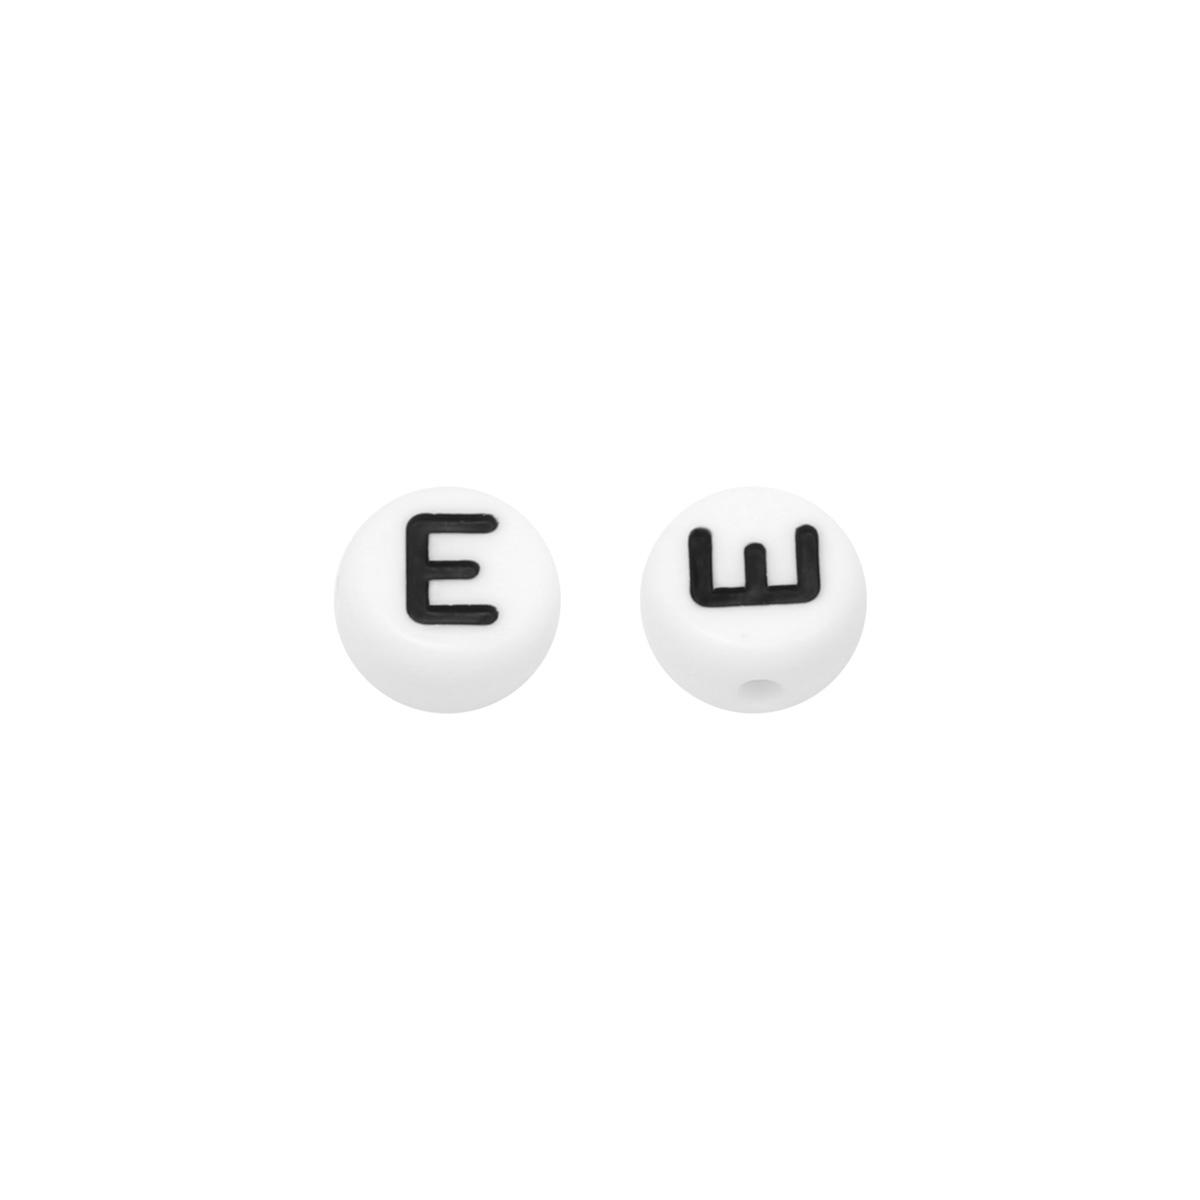 Diy flat beads letter e - 7mm